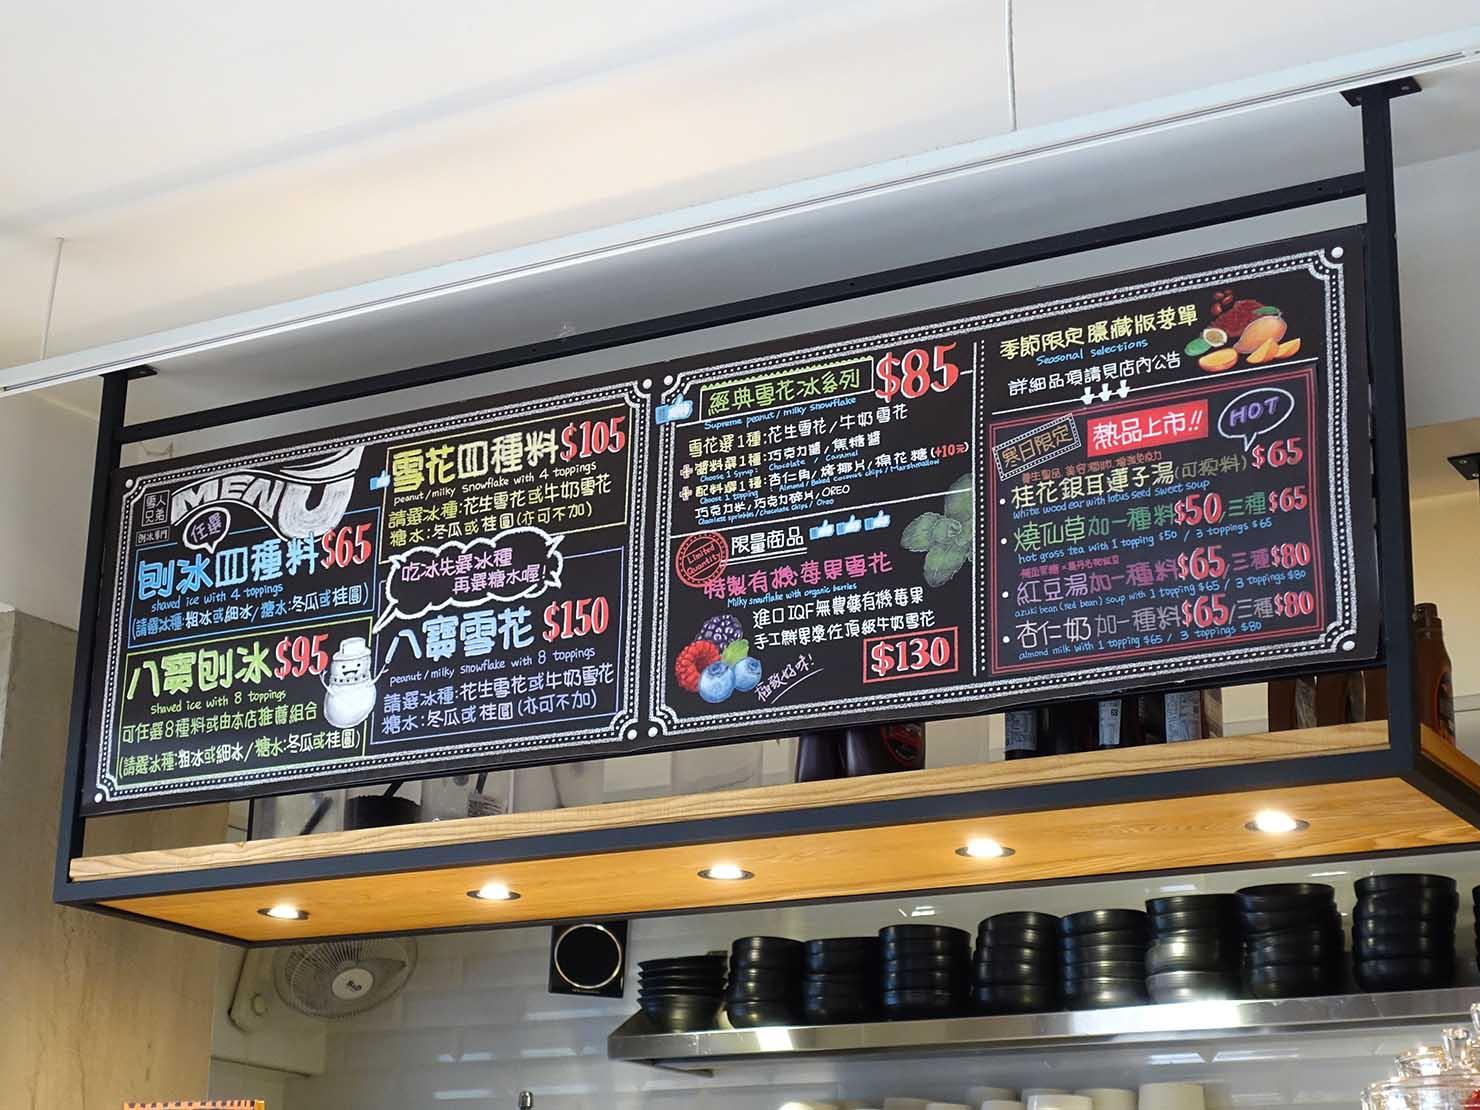 台北・大安駅周辺のおすすめ台湾スイーツ店「雪人兄弟」のメニュー